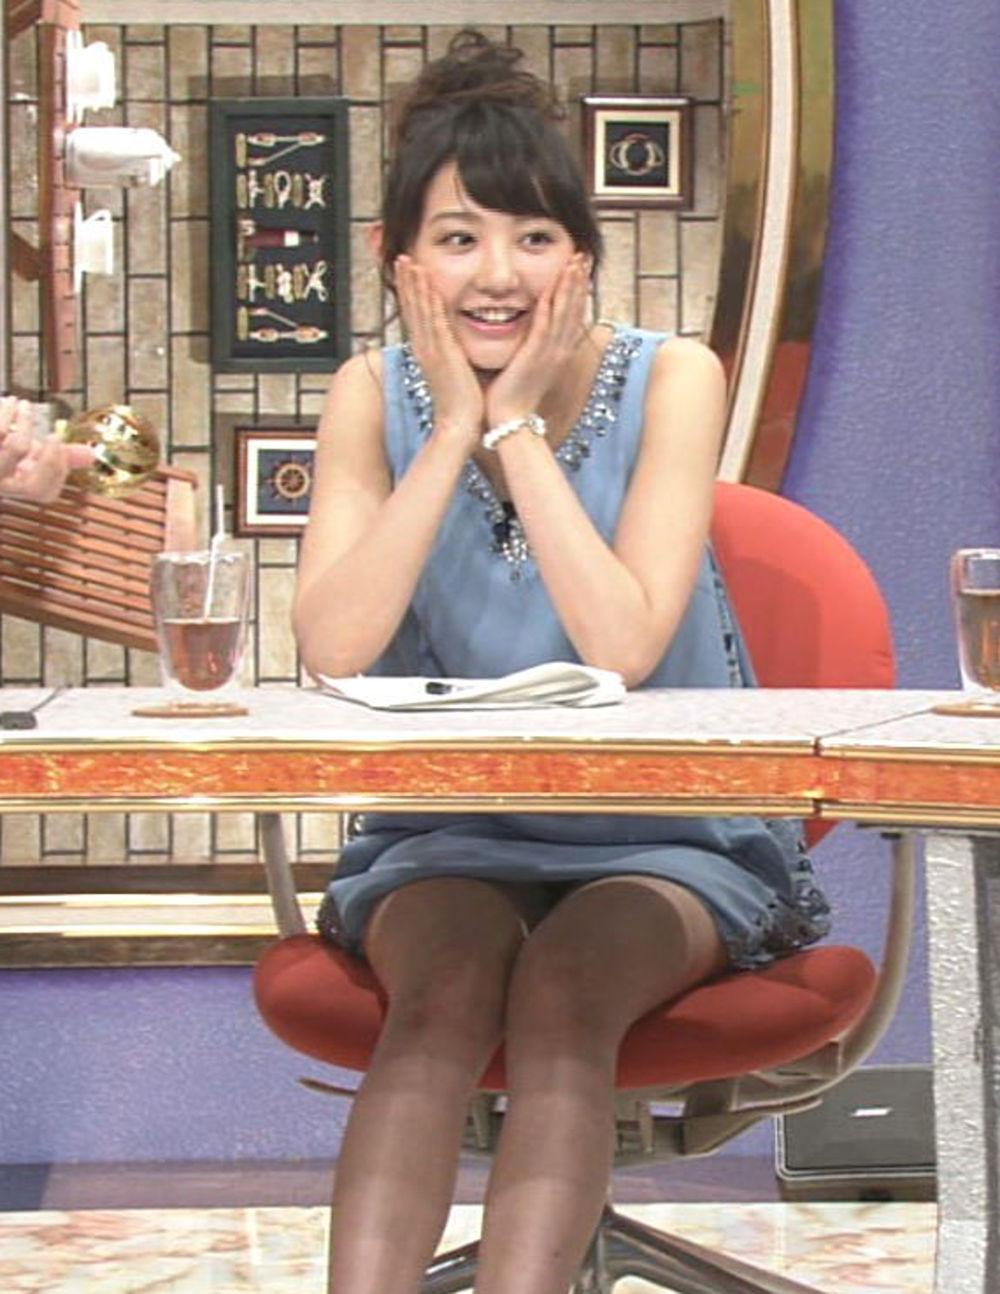 丸顔 タヌキ顔 可愛い 童顔 美女 エロ画像【40】